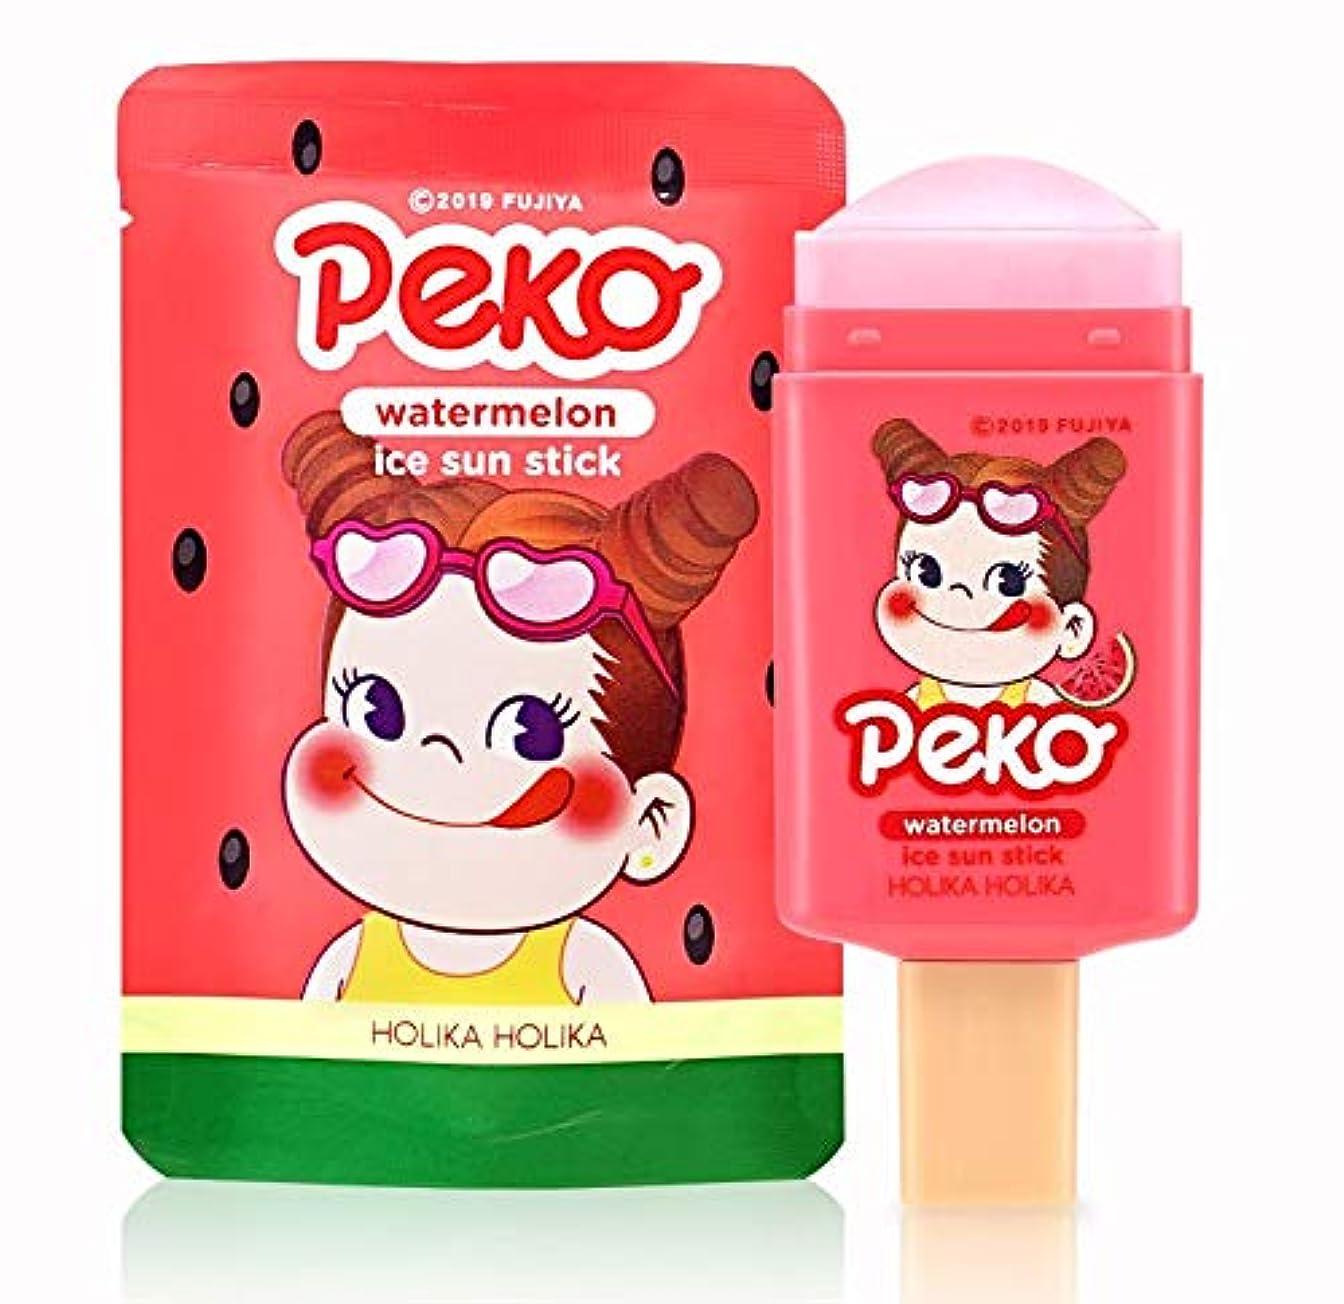 ロール同様に文房具ホリカホリカ [スイートペコエディション] スイカ アイス サン スティック 14g / Holika Holika [Sweet Peko Edition] Watermellon Ice Sun Stick SPF50...